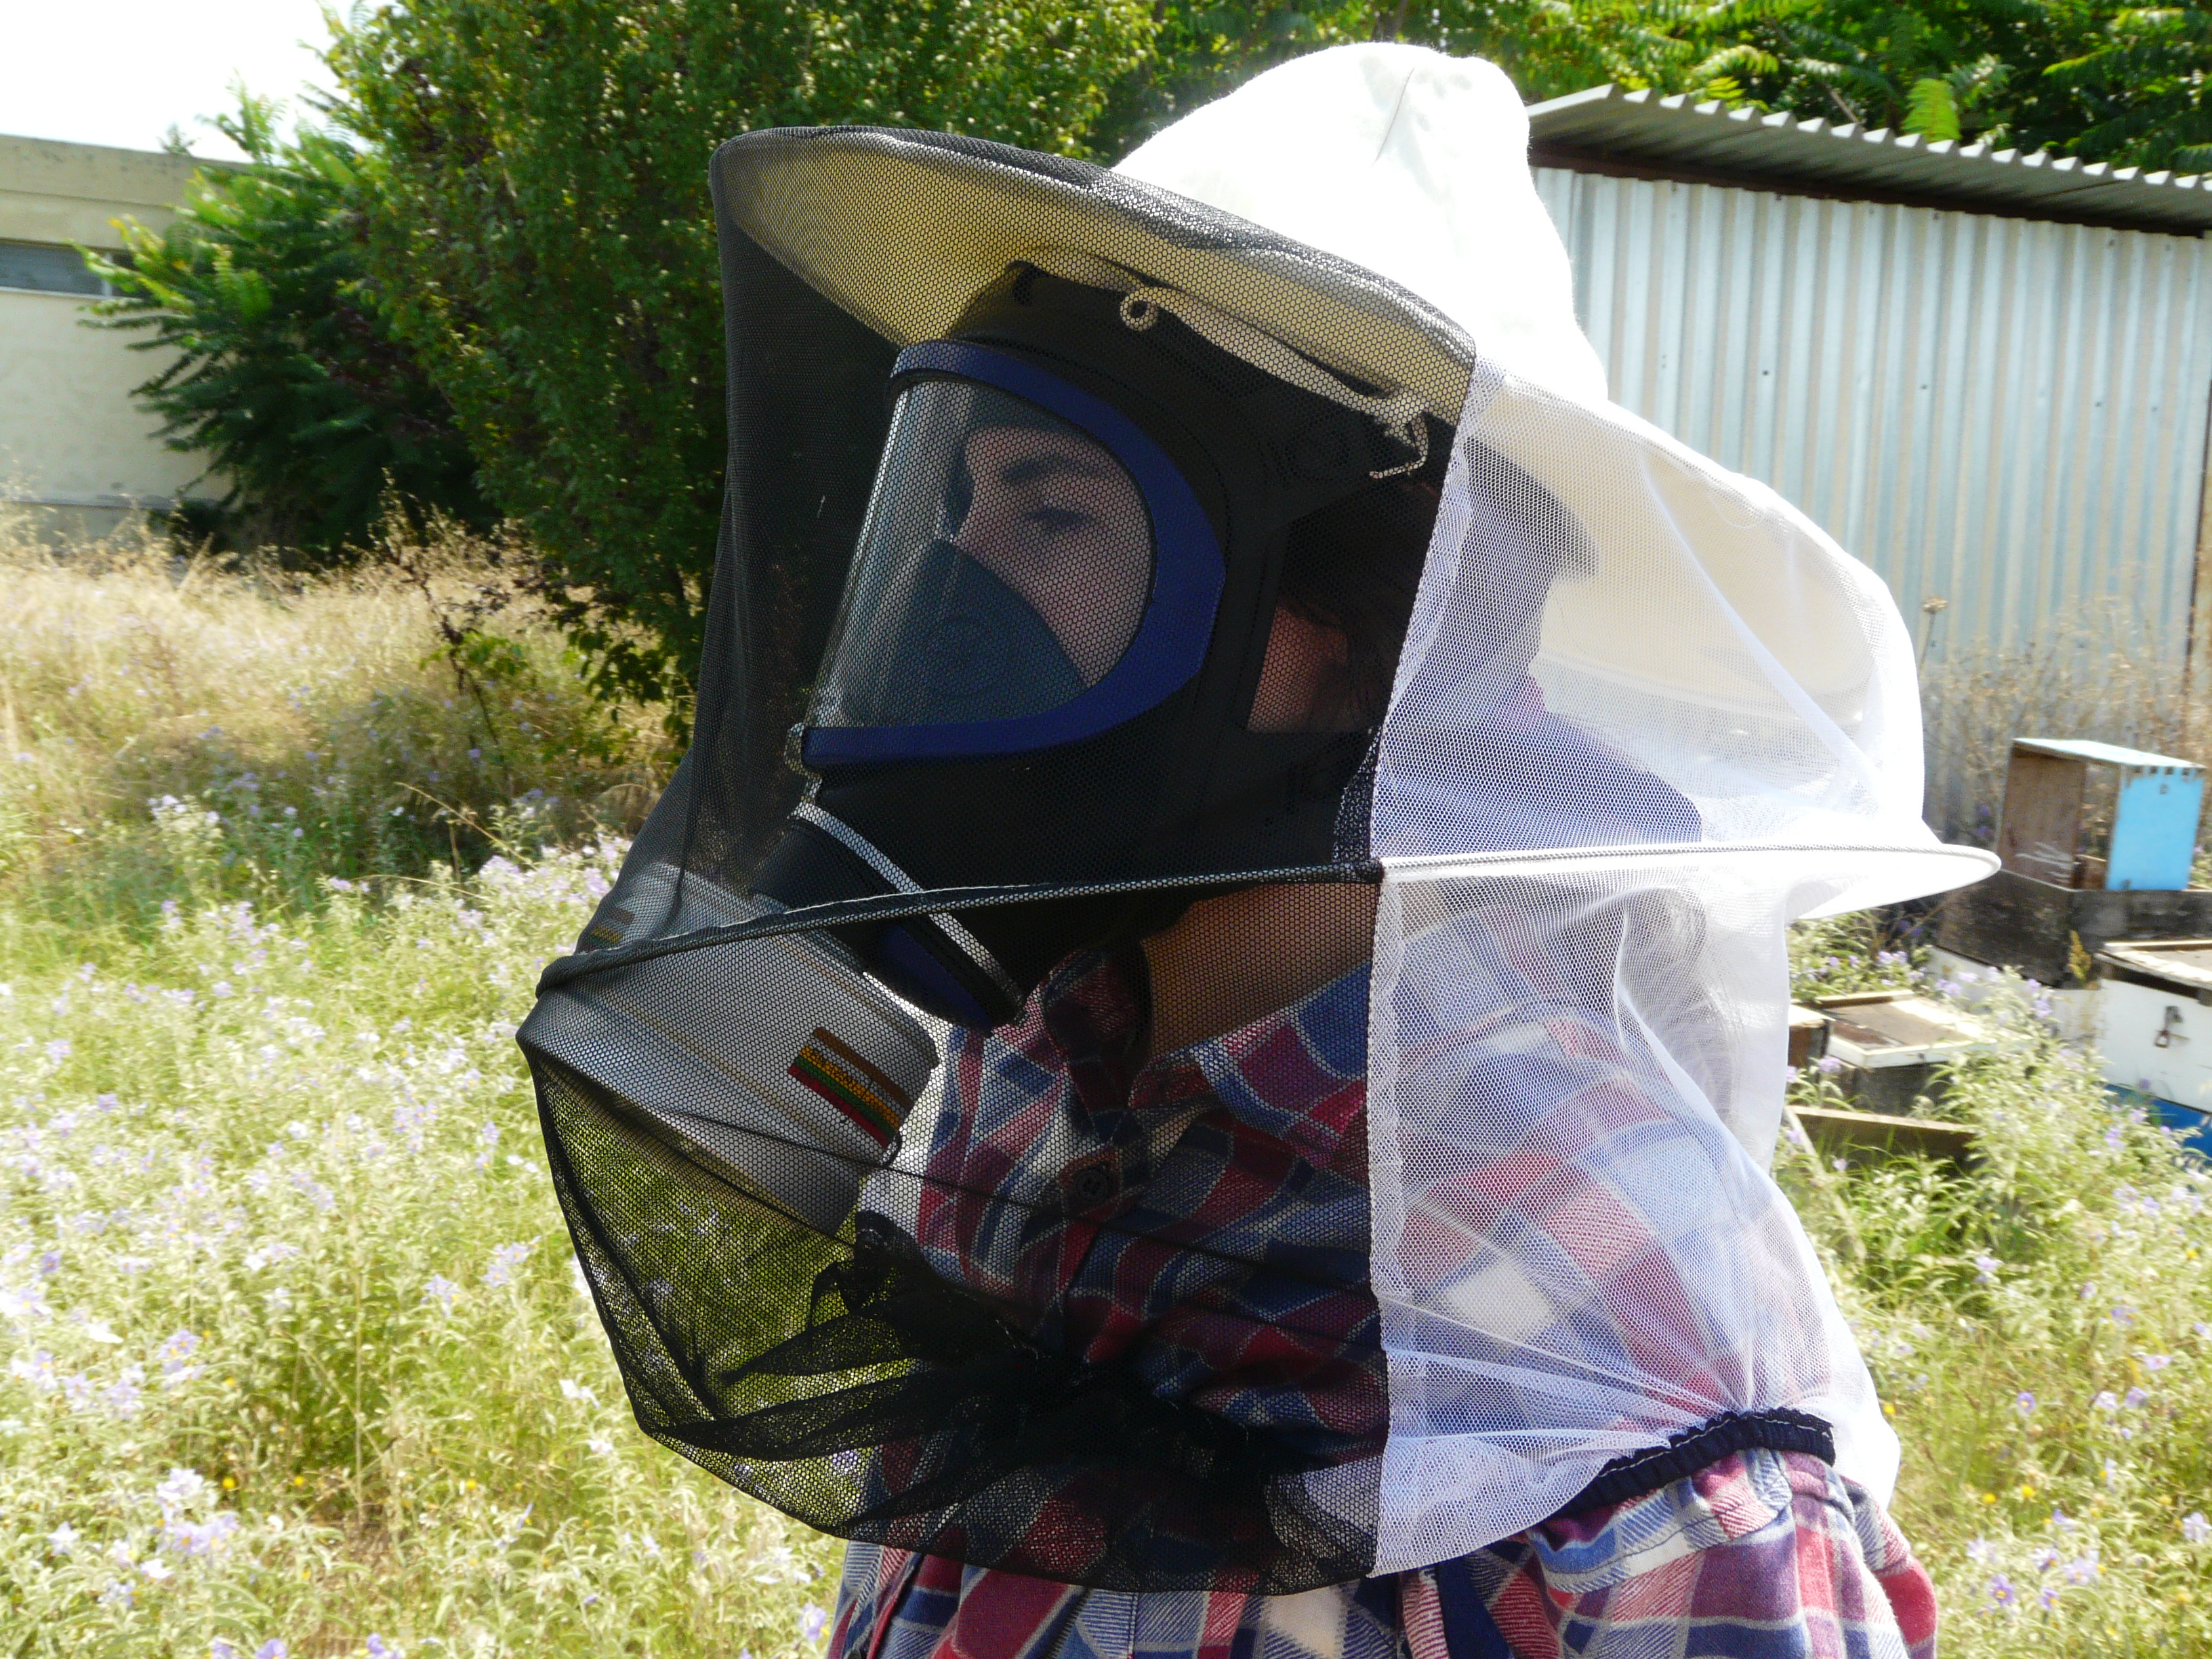 Εικόνα 4. Απαραίτητη η καλή μάσκα στην εφαρμογή σκευασμάτων με νεφελοποιητή